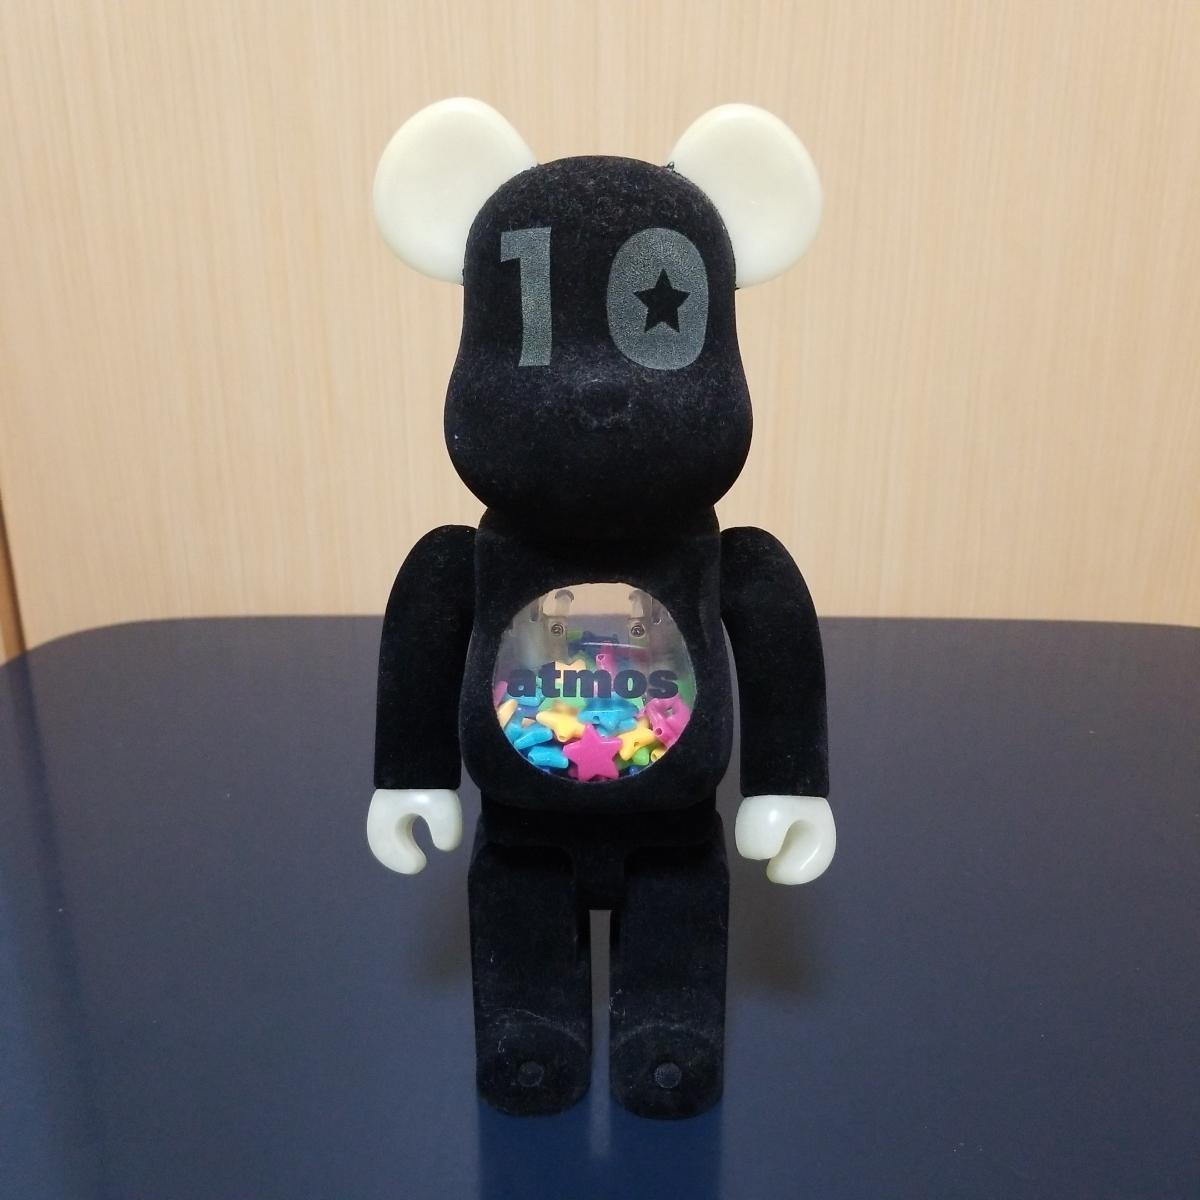 メディコムトイ BE@RBRICK ベアブリック アトモス atmos 10周年記念モデル 400% フロッキー 蓄光_画像1